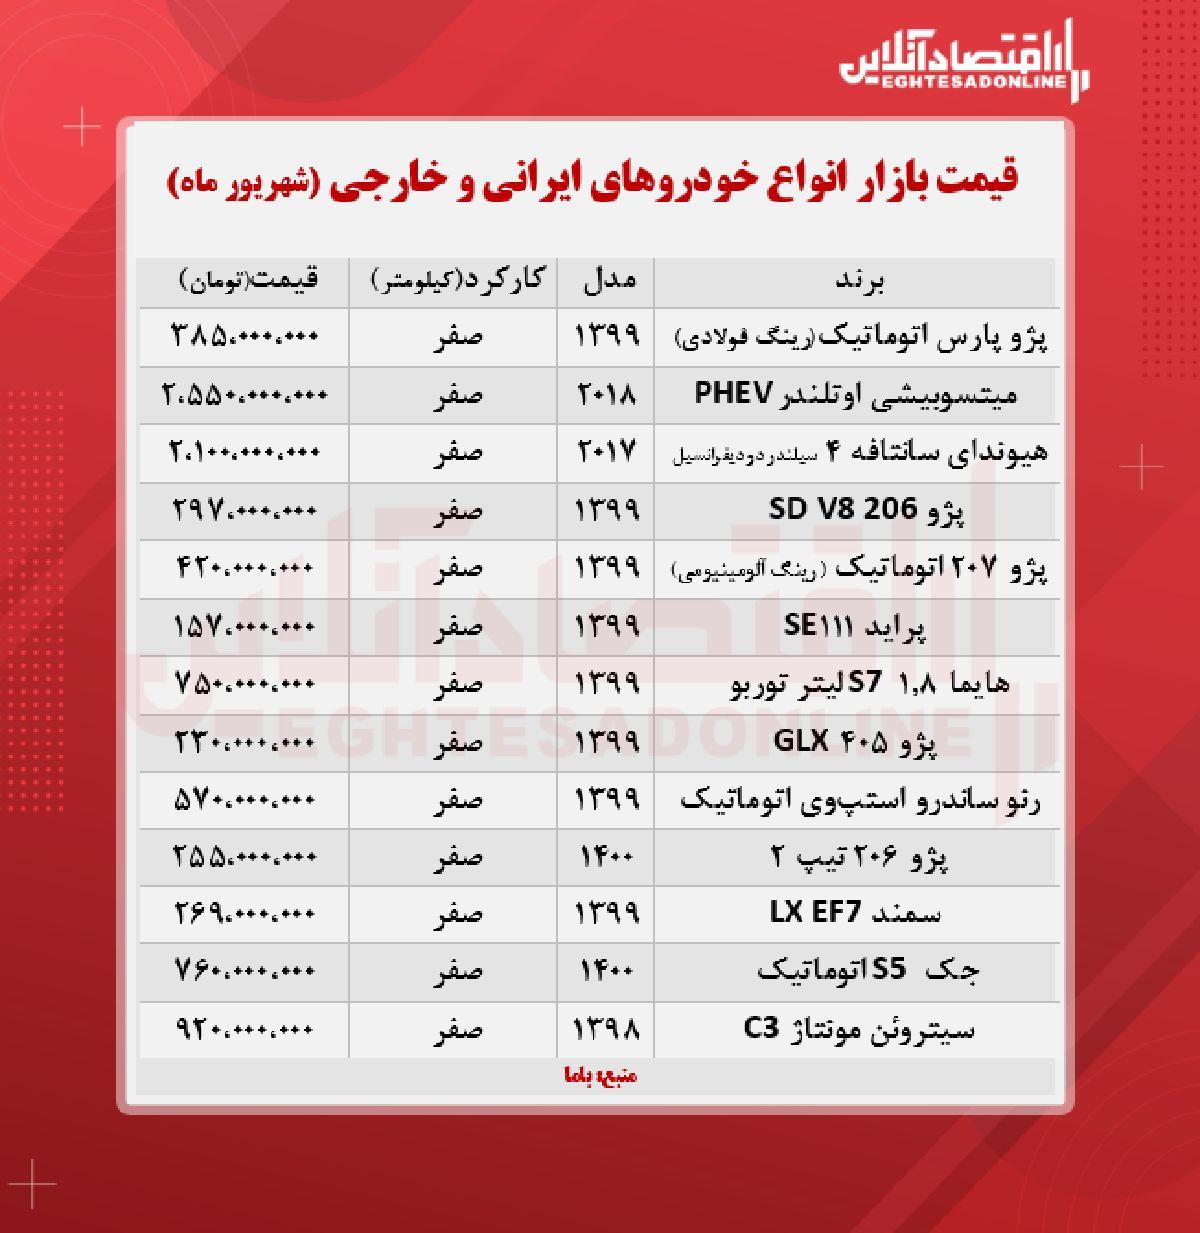 قیمت خودرو امروز ۱۴۰۰/۶/۷